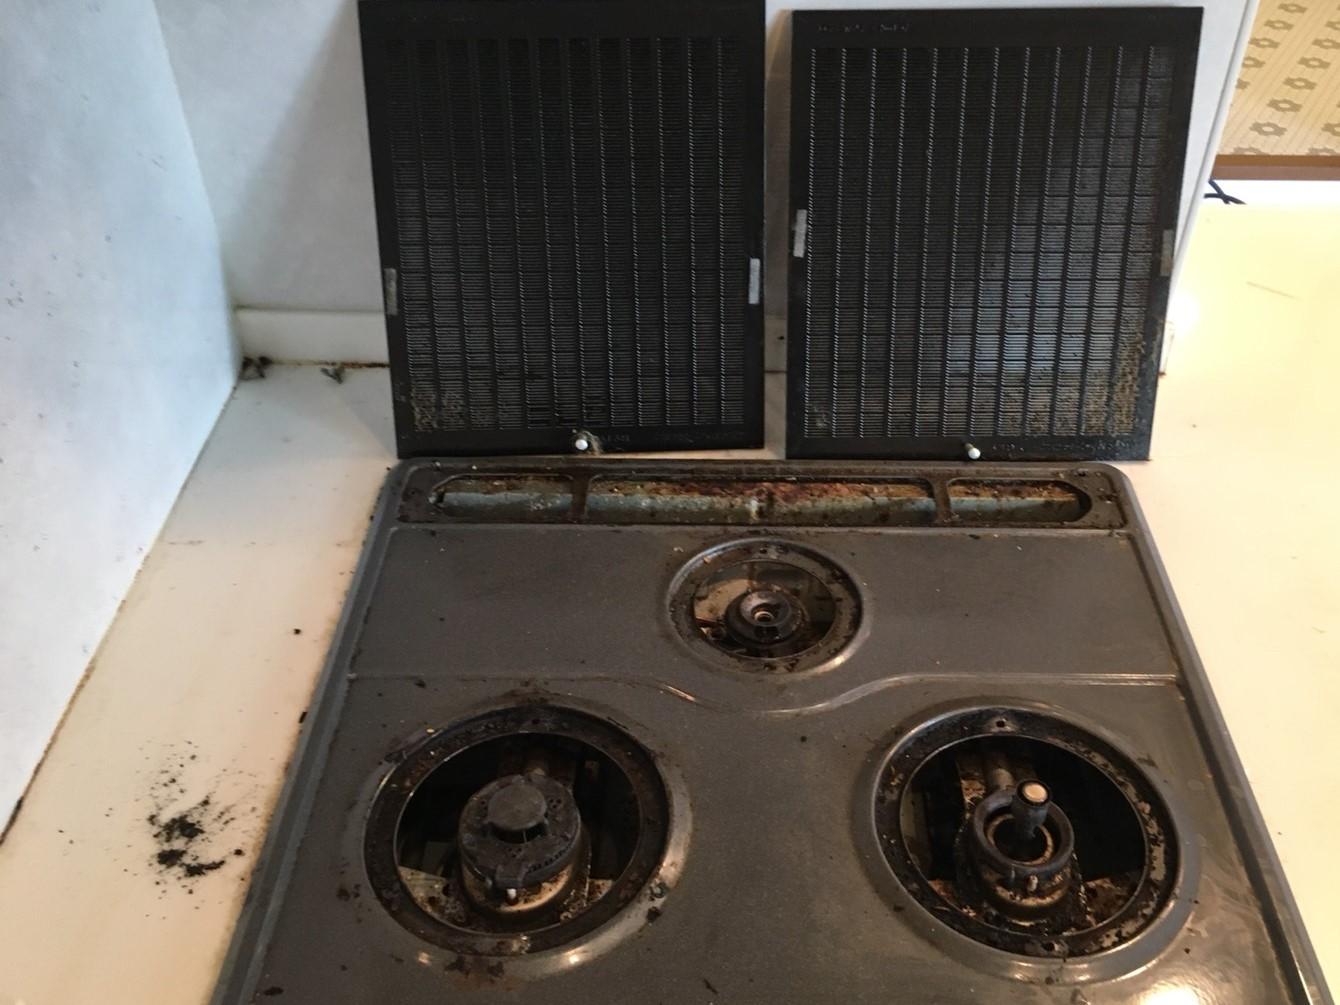 レンジフードのハウスクリーニング(分解掃除)、伊丹市・宝塚市・川西市の地域密着、ご相談・お見積無料